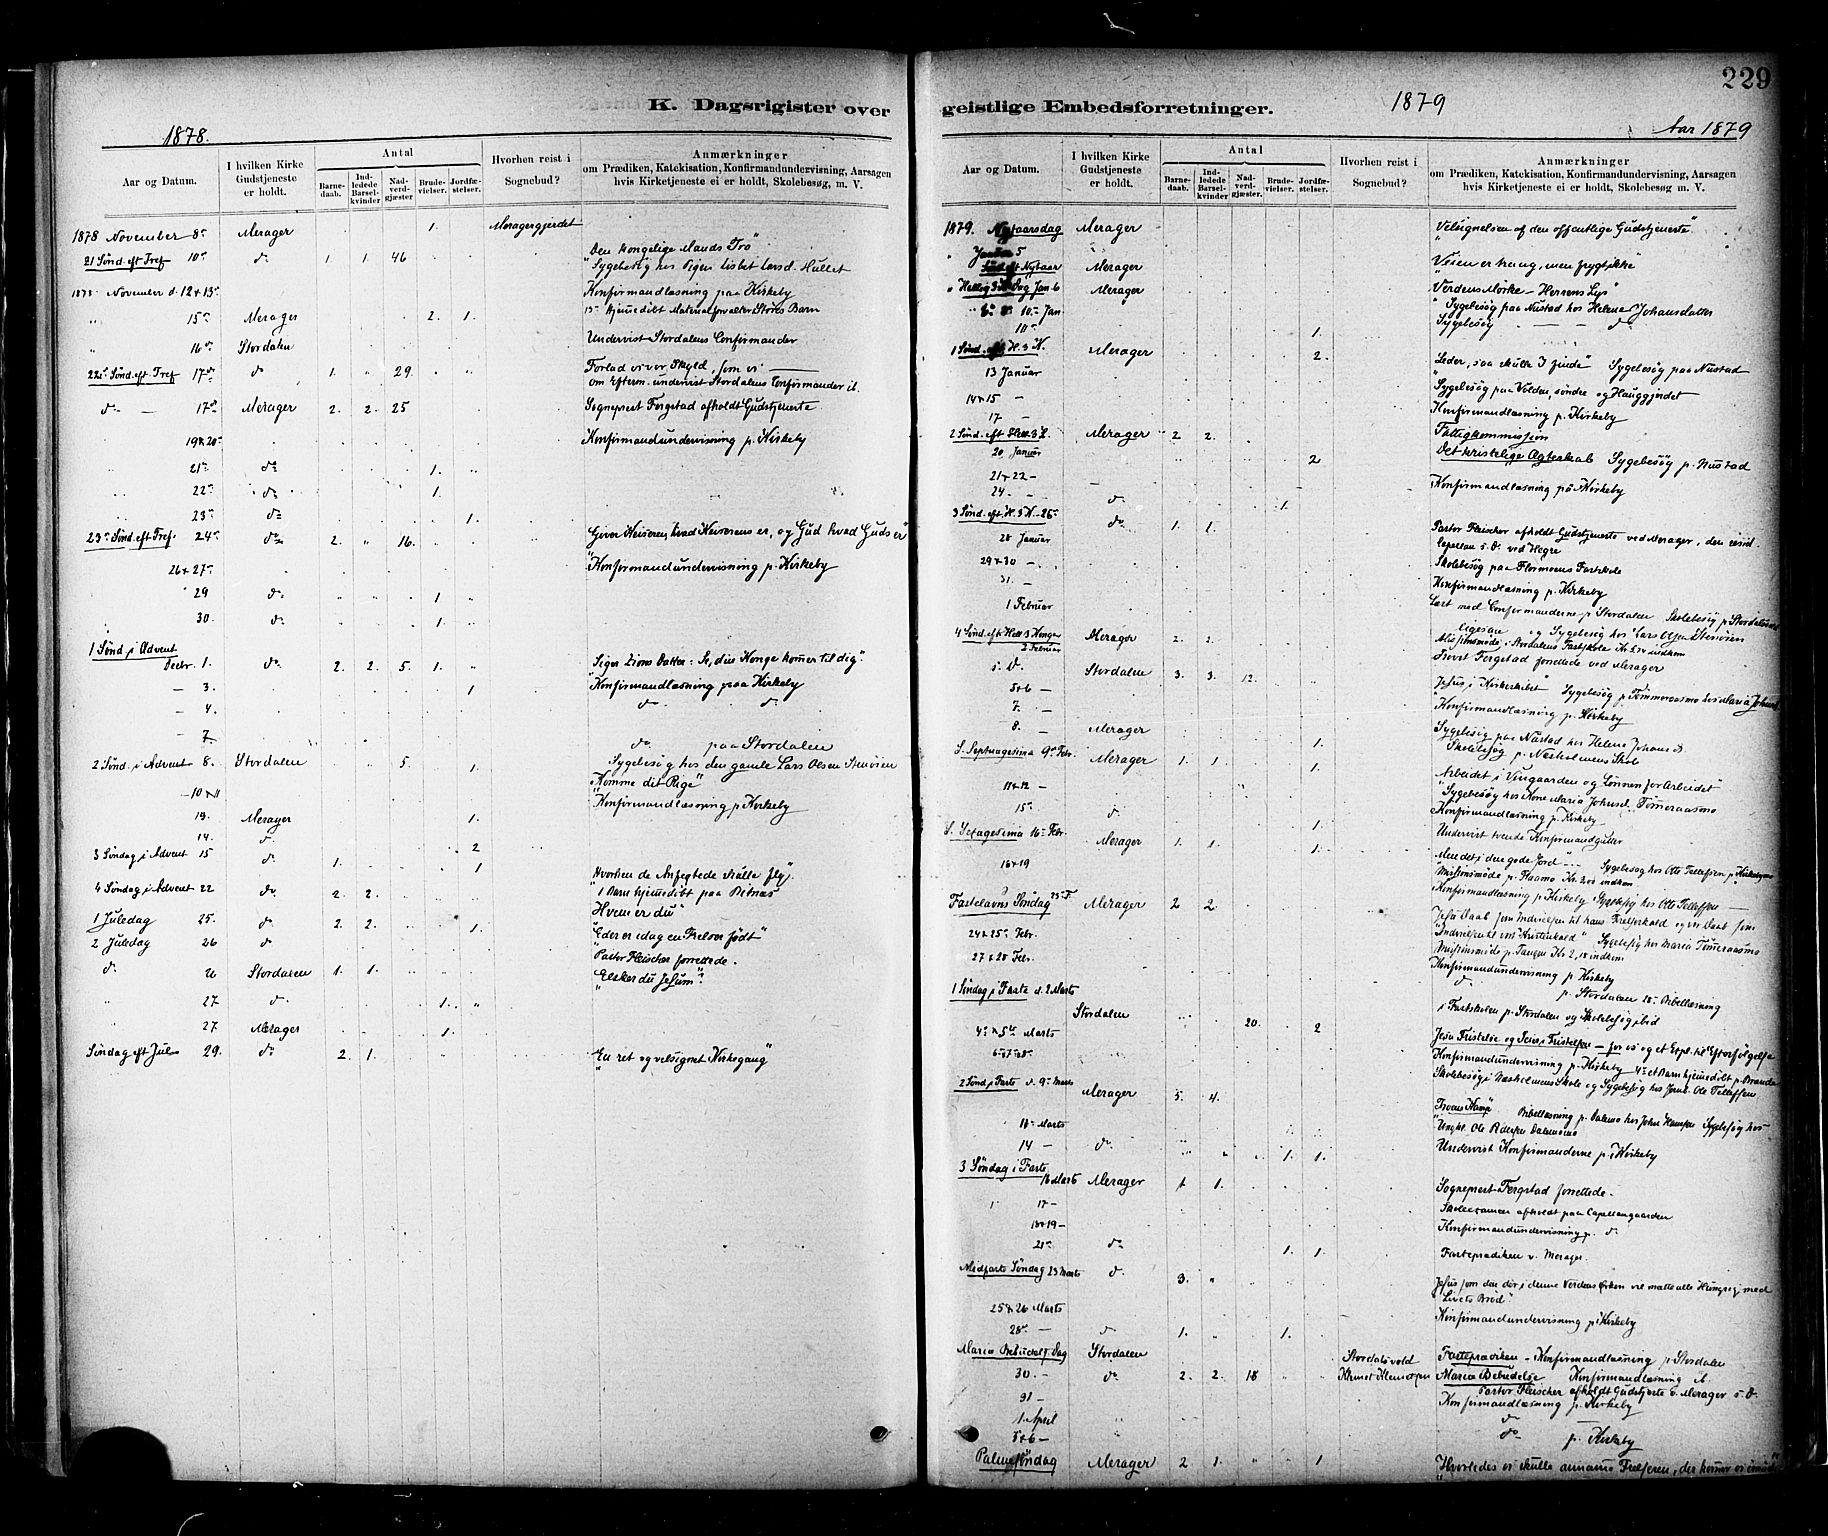 SAT, Ministerialprotokoller, klokkerbøker og fødselsregistre - Nord-Trøndelag, 706/L0047: Ministerialbok nr. 706A03, 1878-1892, s. 229